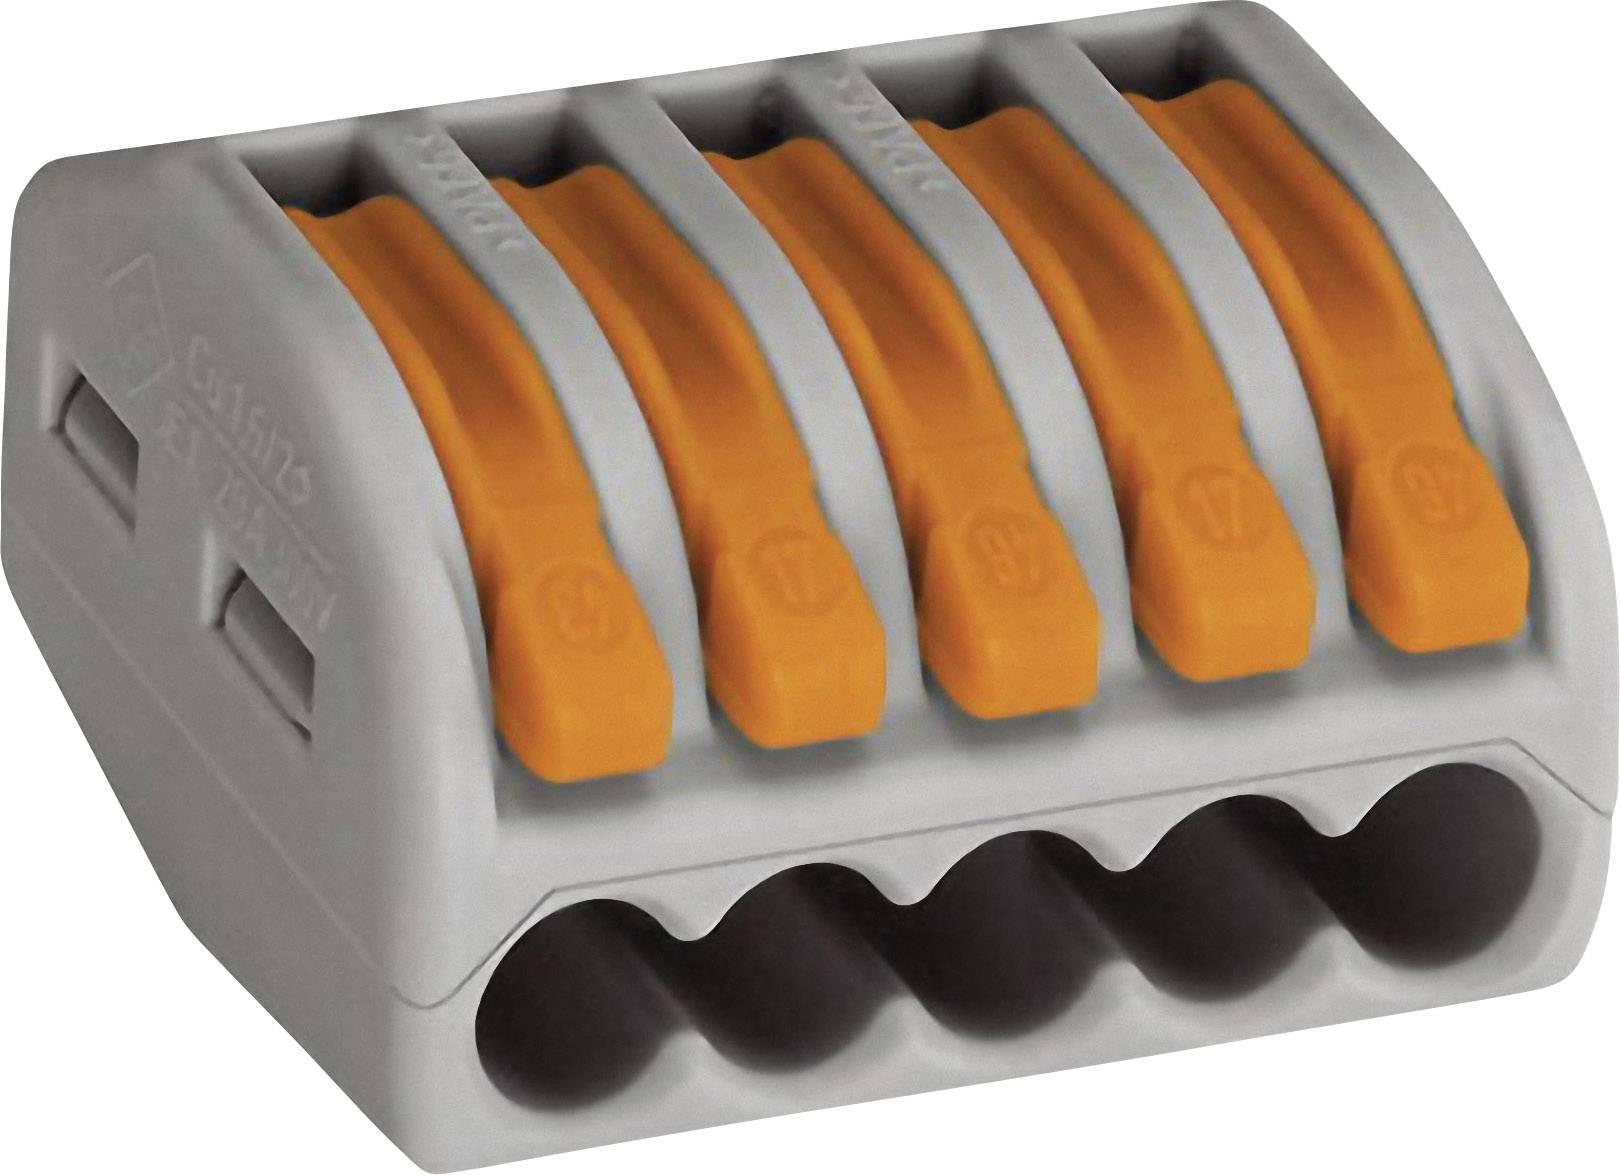 Krabicová svorkovnica WAGO 222 222-415 na kábel s rozmerom 0.08-4 mm², tuhosť 0.08-2.5 mm², počet pinov 5, 1 ks, sivá, oranžová